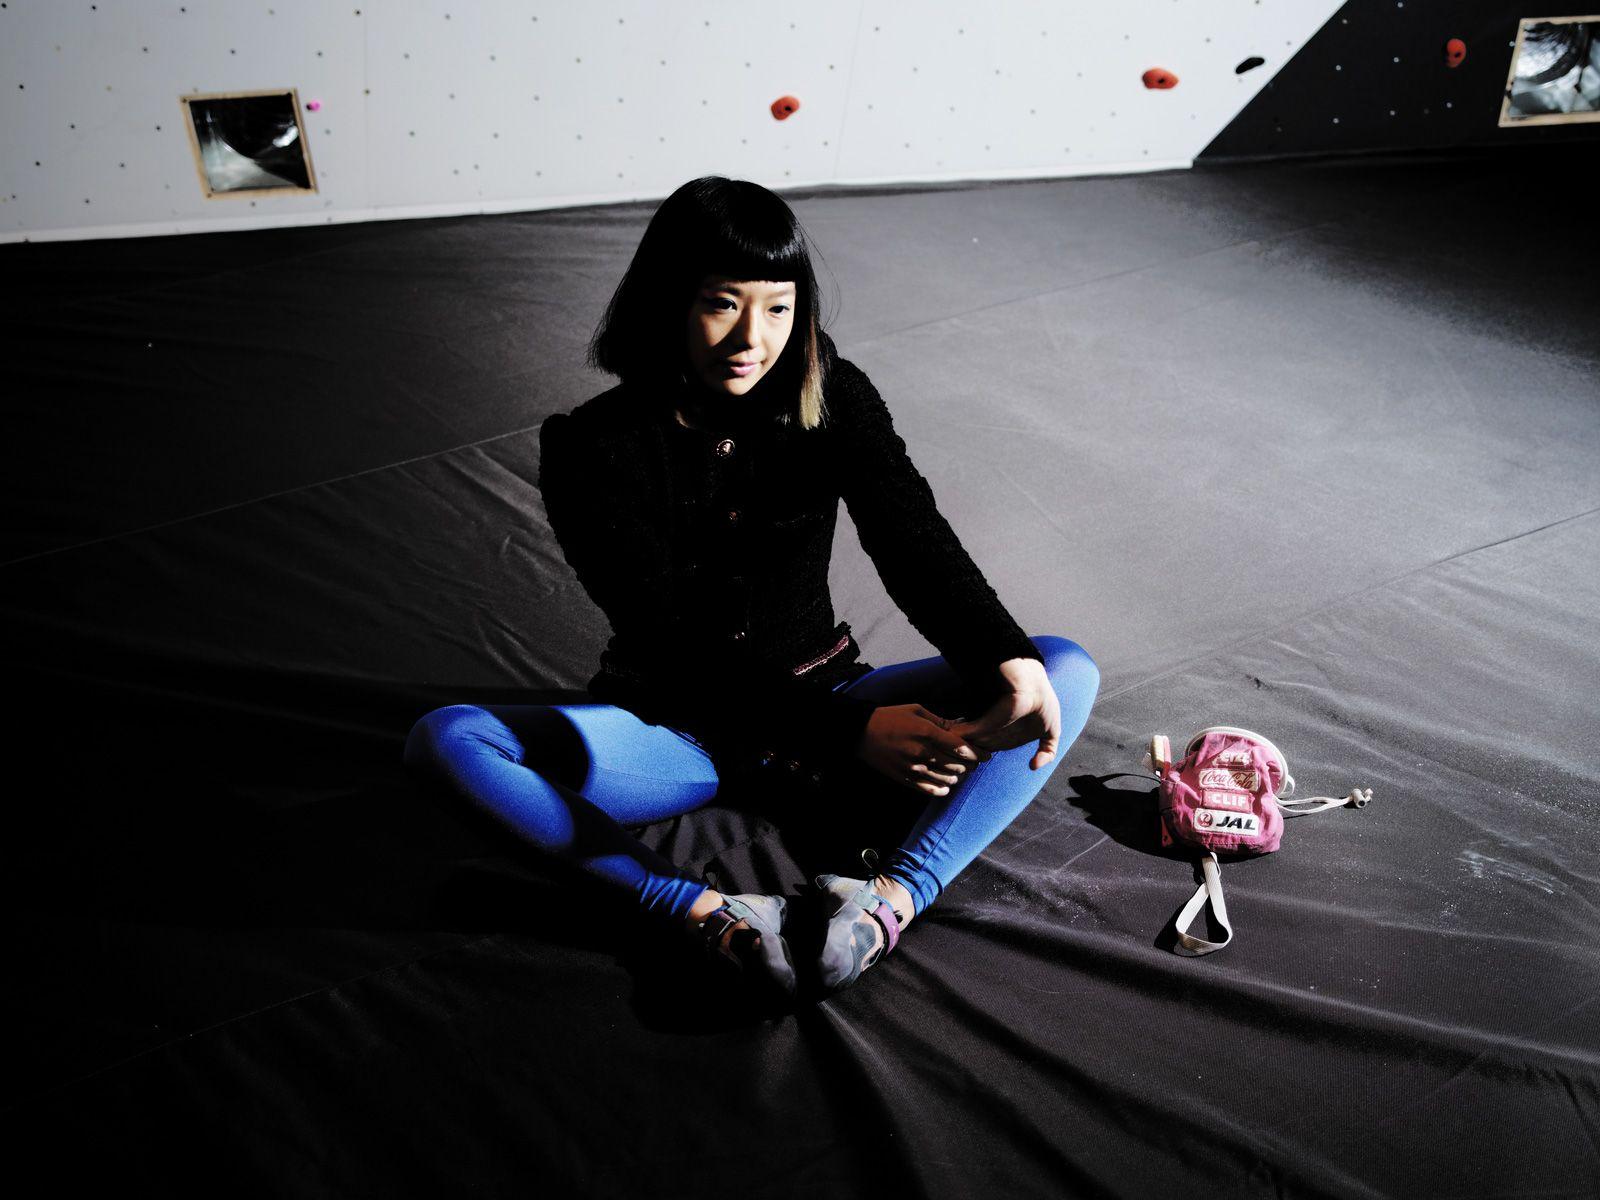 ashima-shiraishi-interview-06